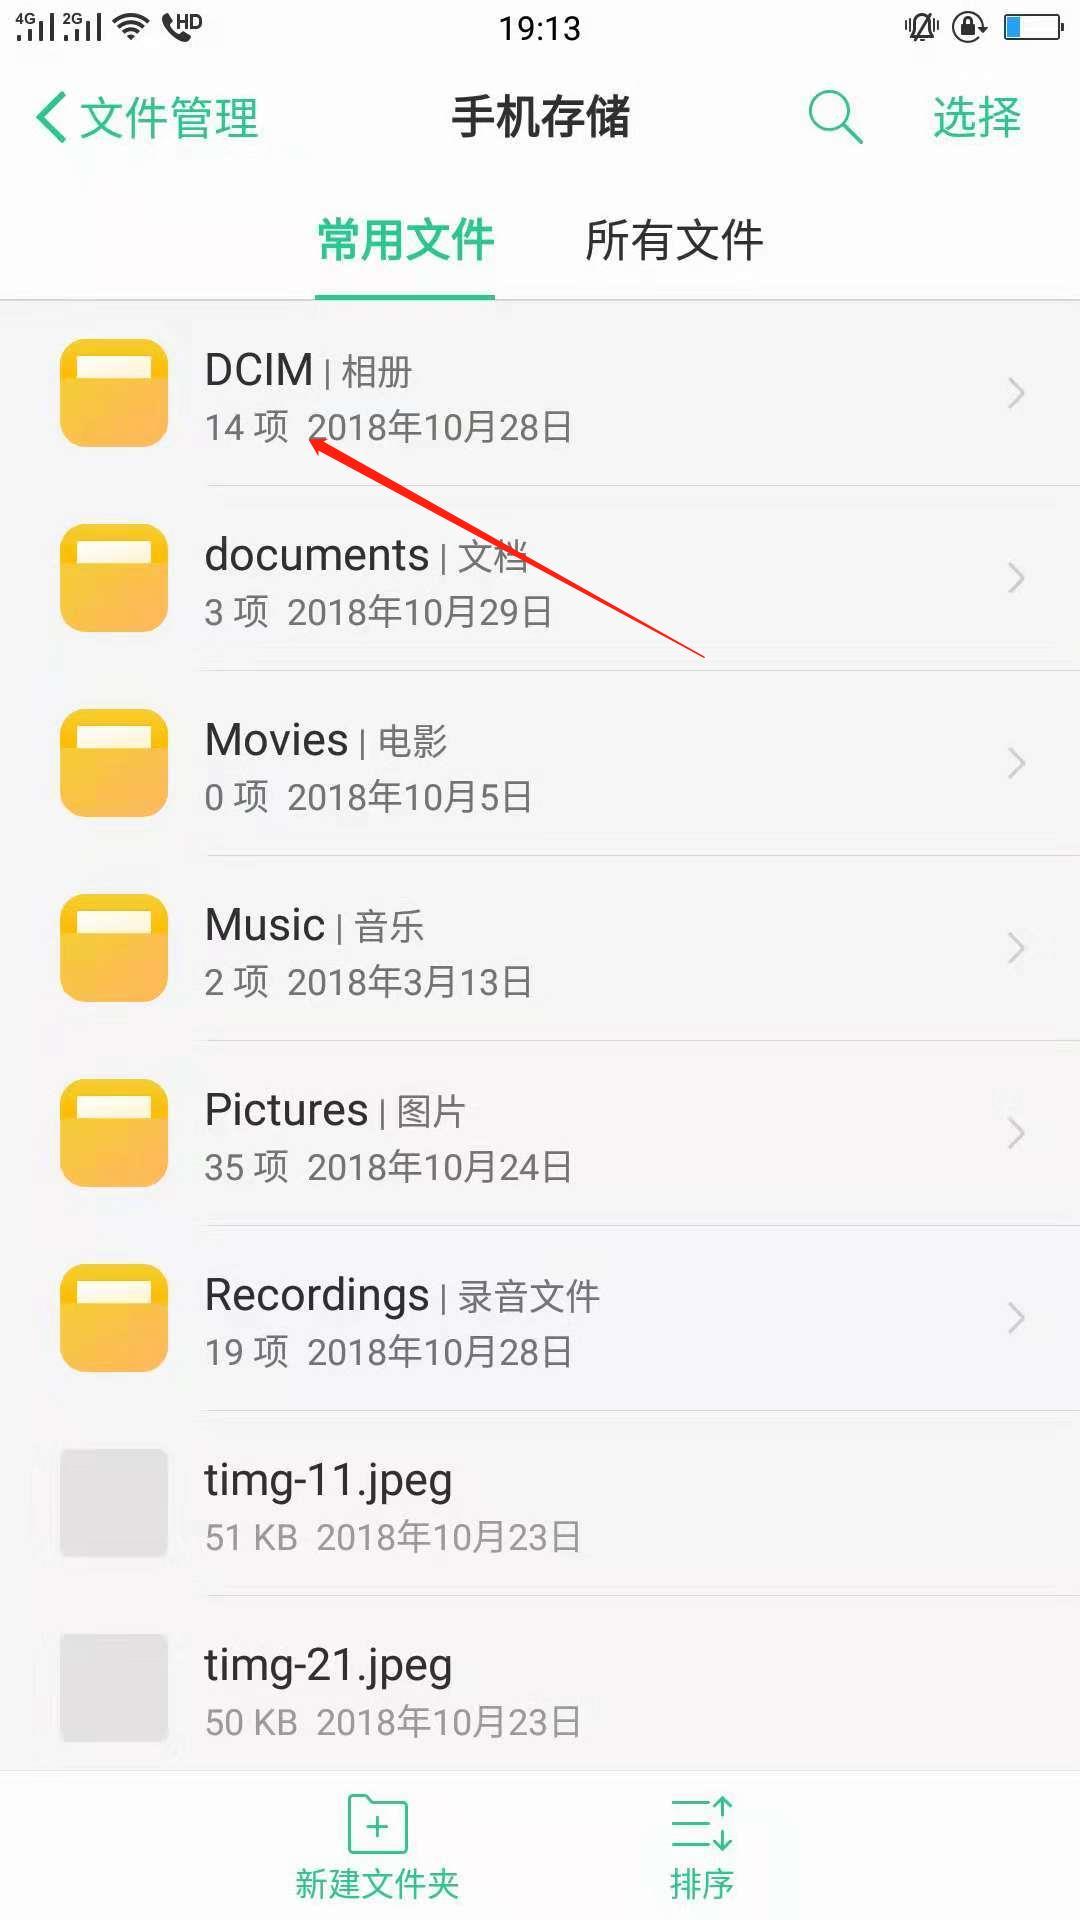 安卓手机相册文件夹_安卓手机照片一般存在哪个文件夹_百度知道